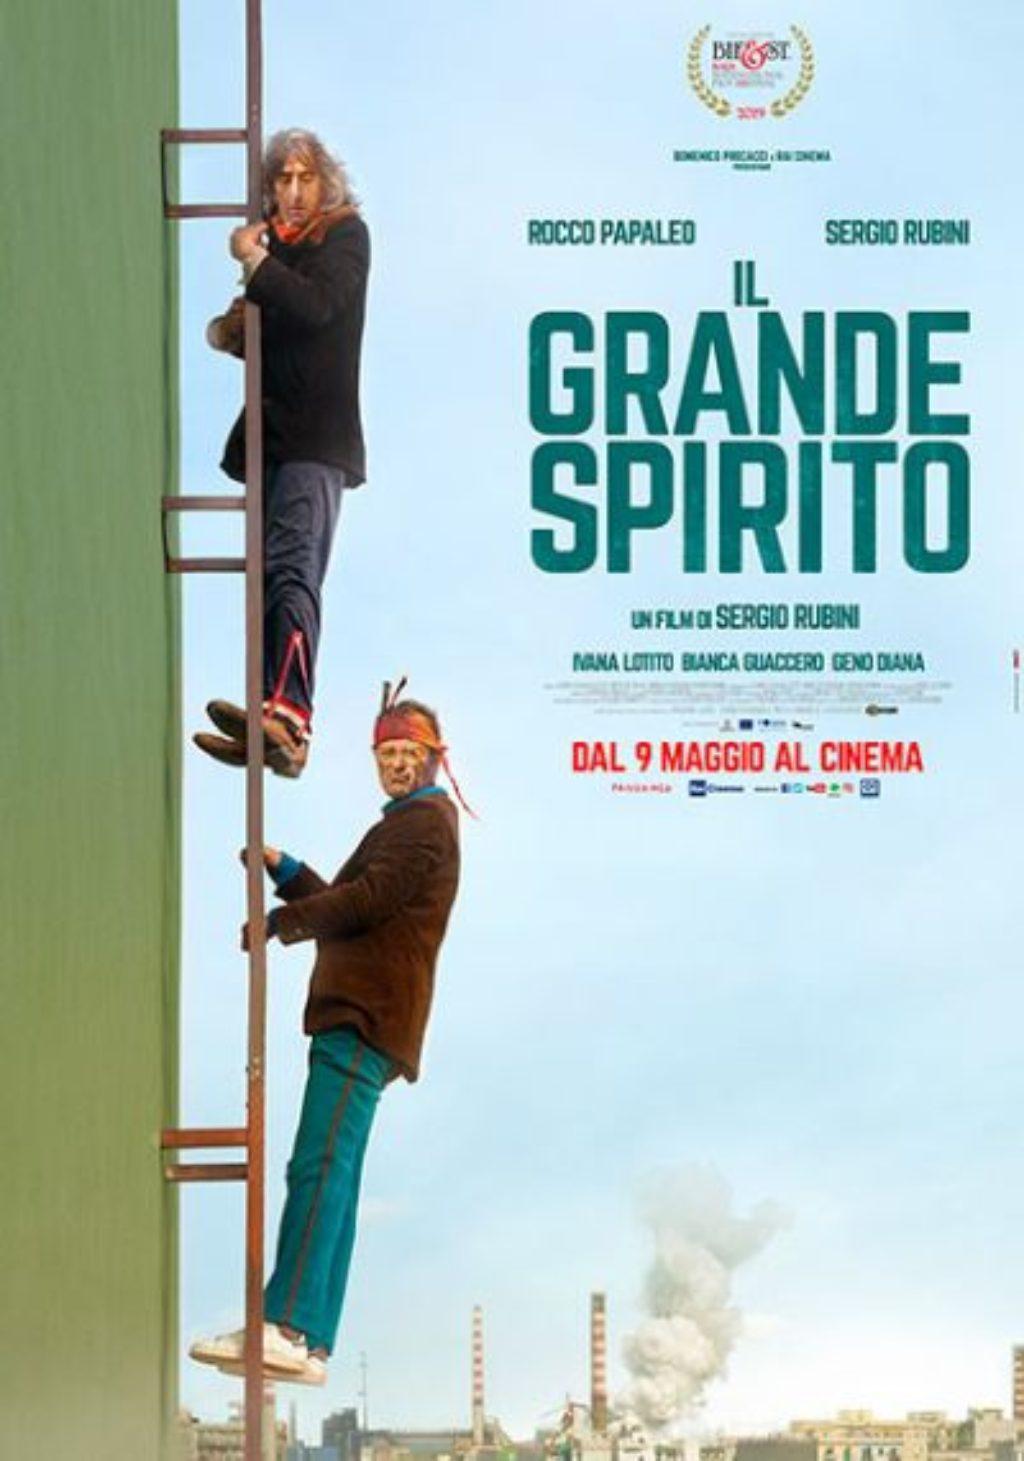 ilgrandespirito_big